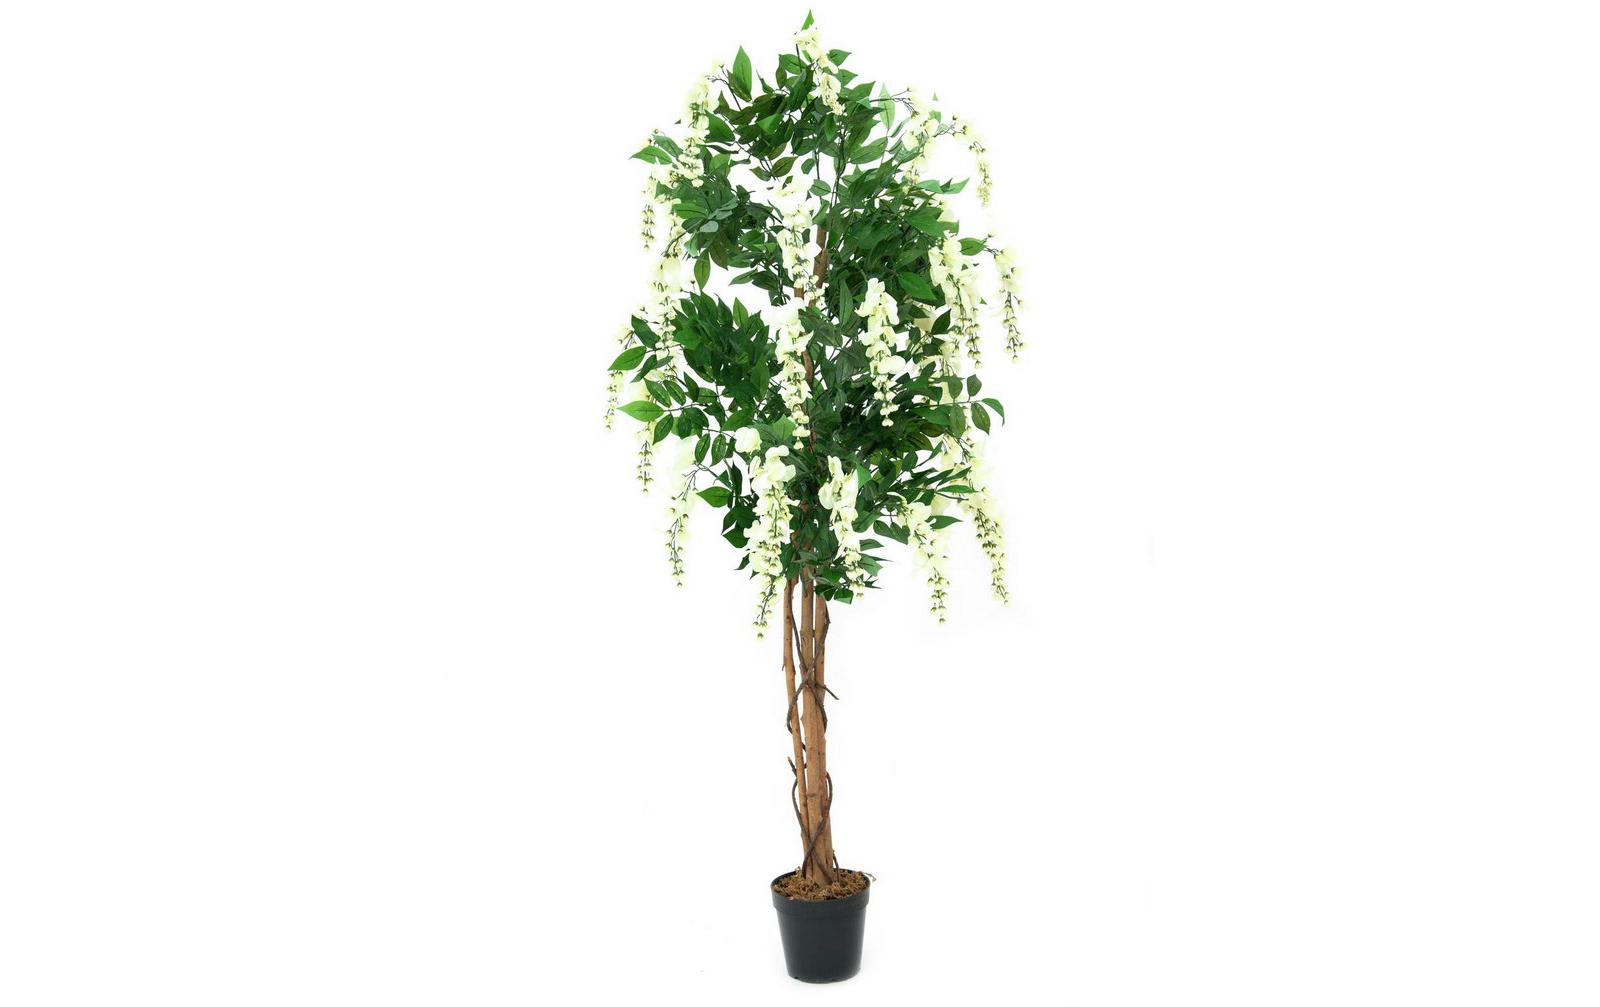 europalms-goldregenbaum-weiay-150cm-kunststoffpflanze